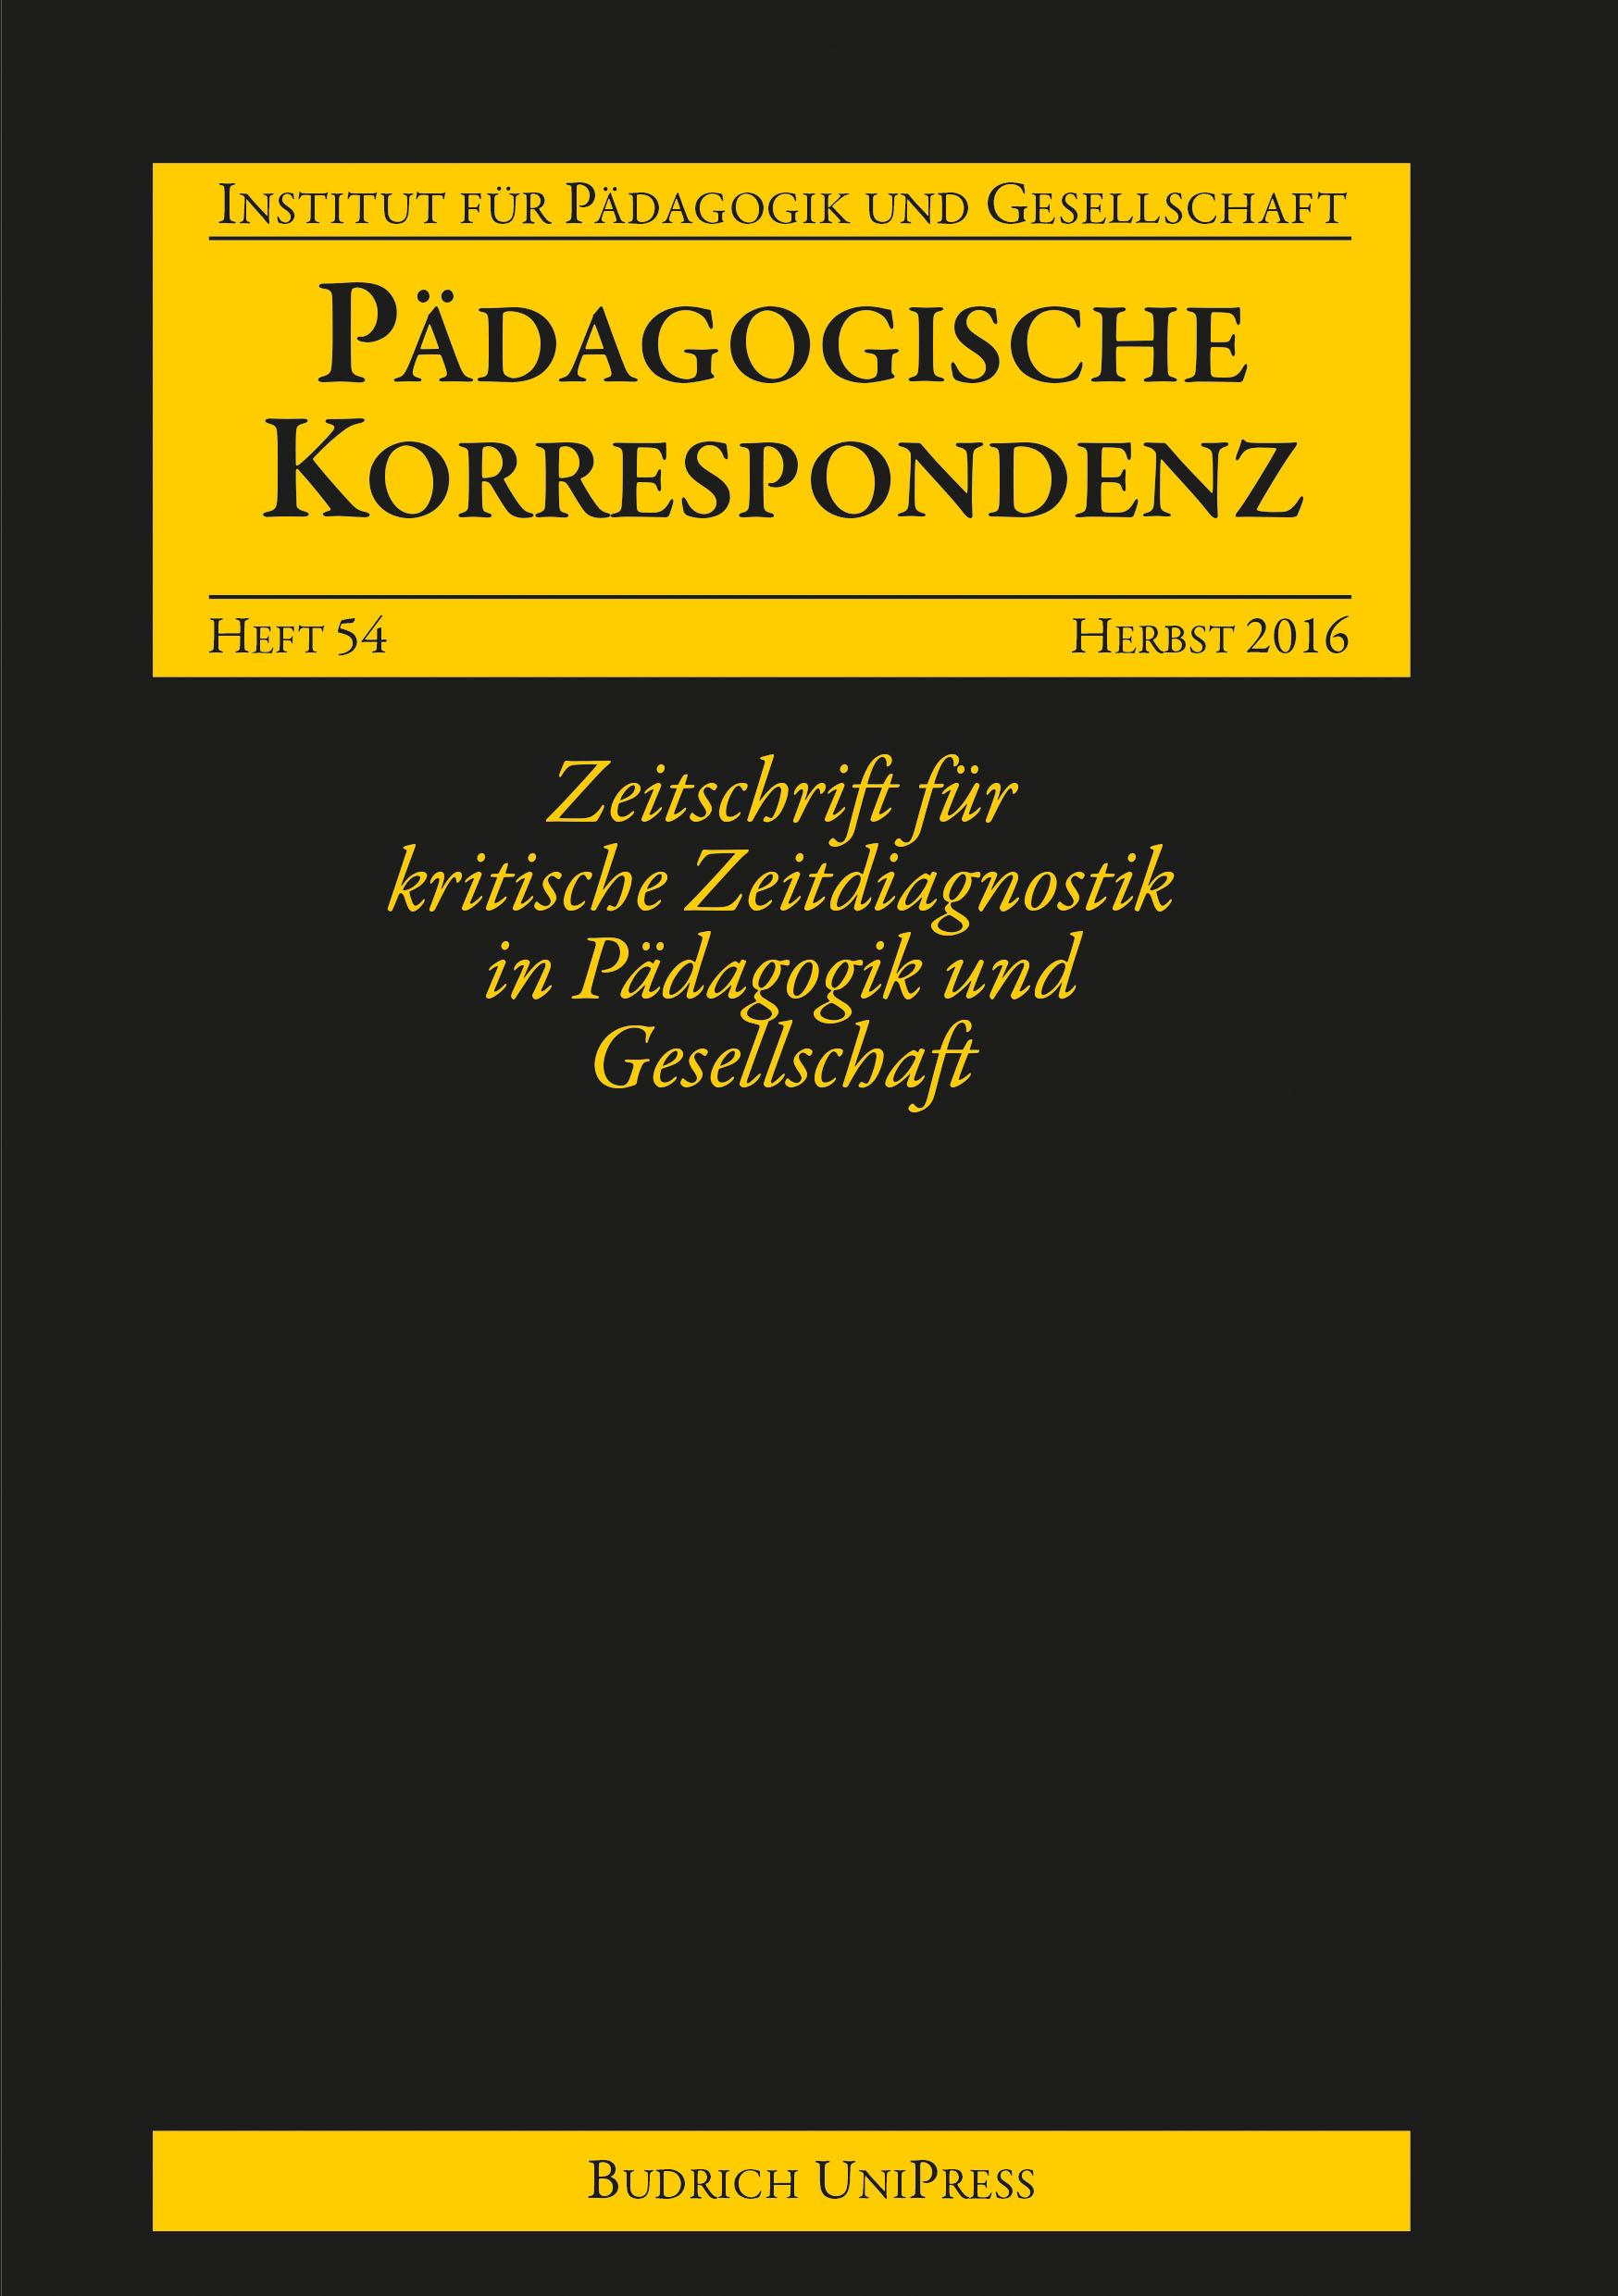 Heft 54 | 2-2016 | Pädagogische Korrespondenz